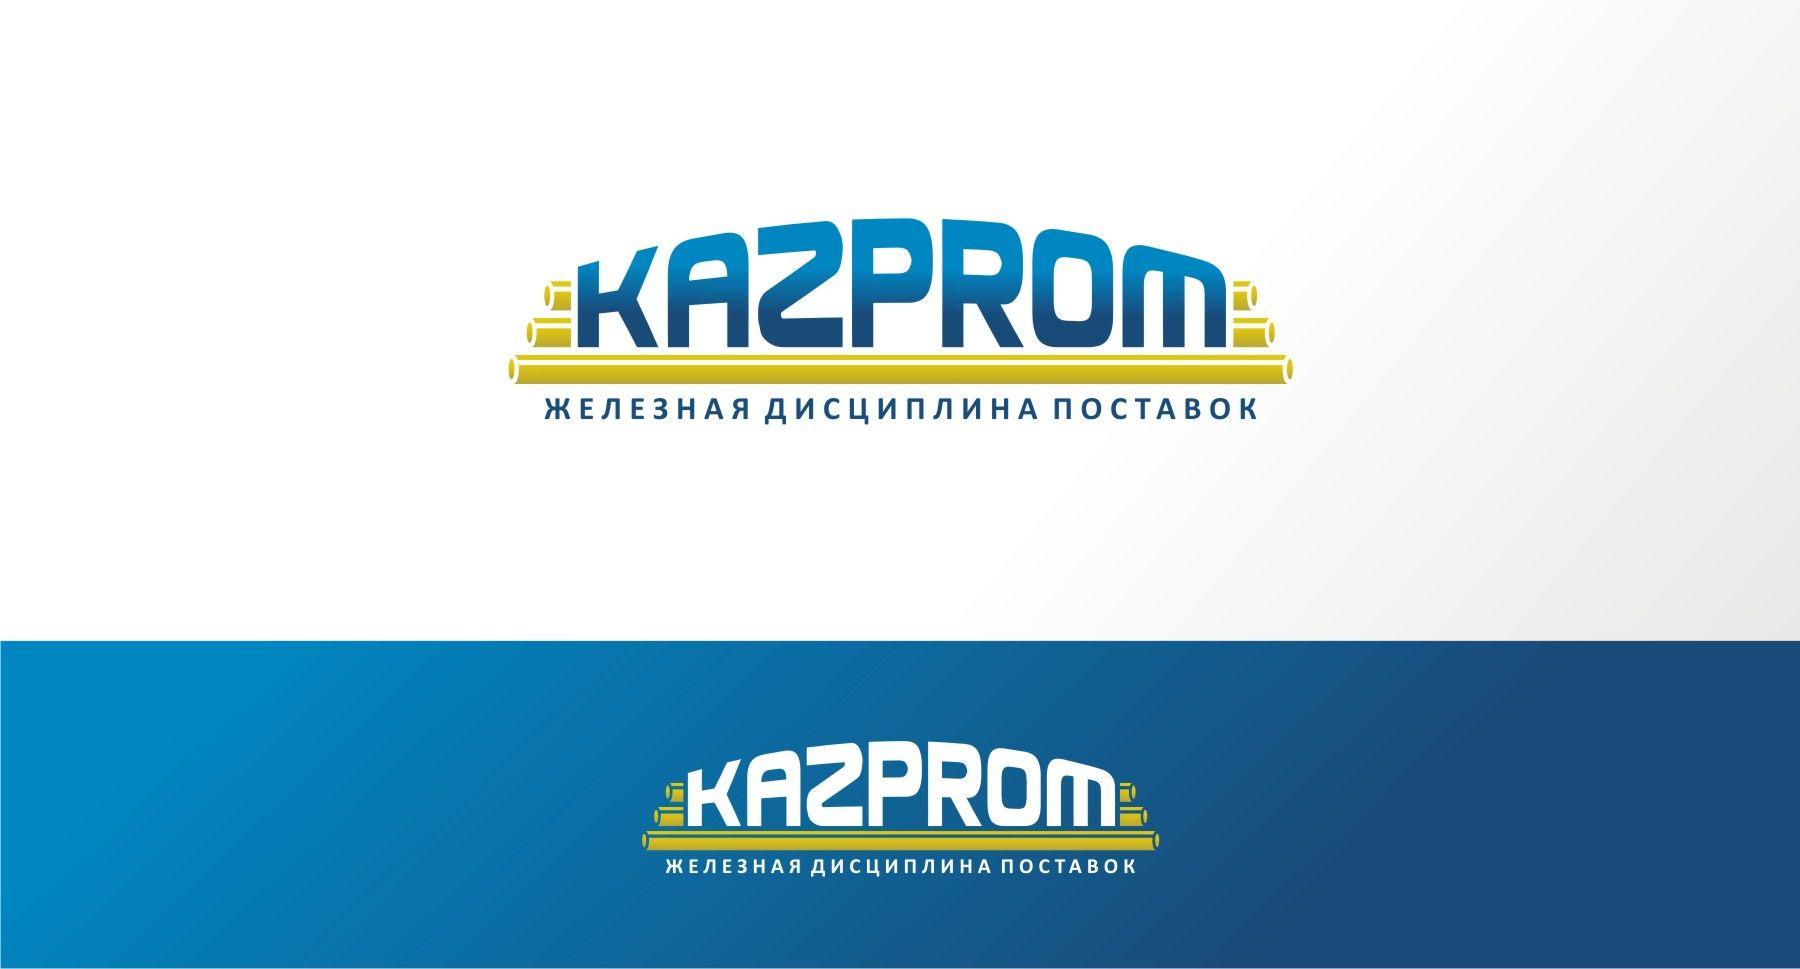 Редизайн логотипа, создание фирменного стиля - дизайнер ideograph